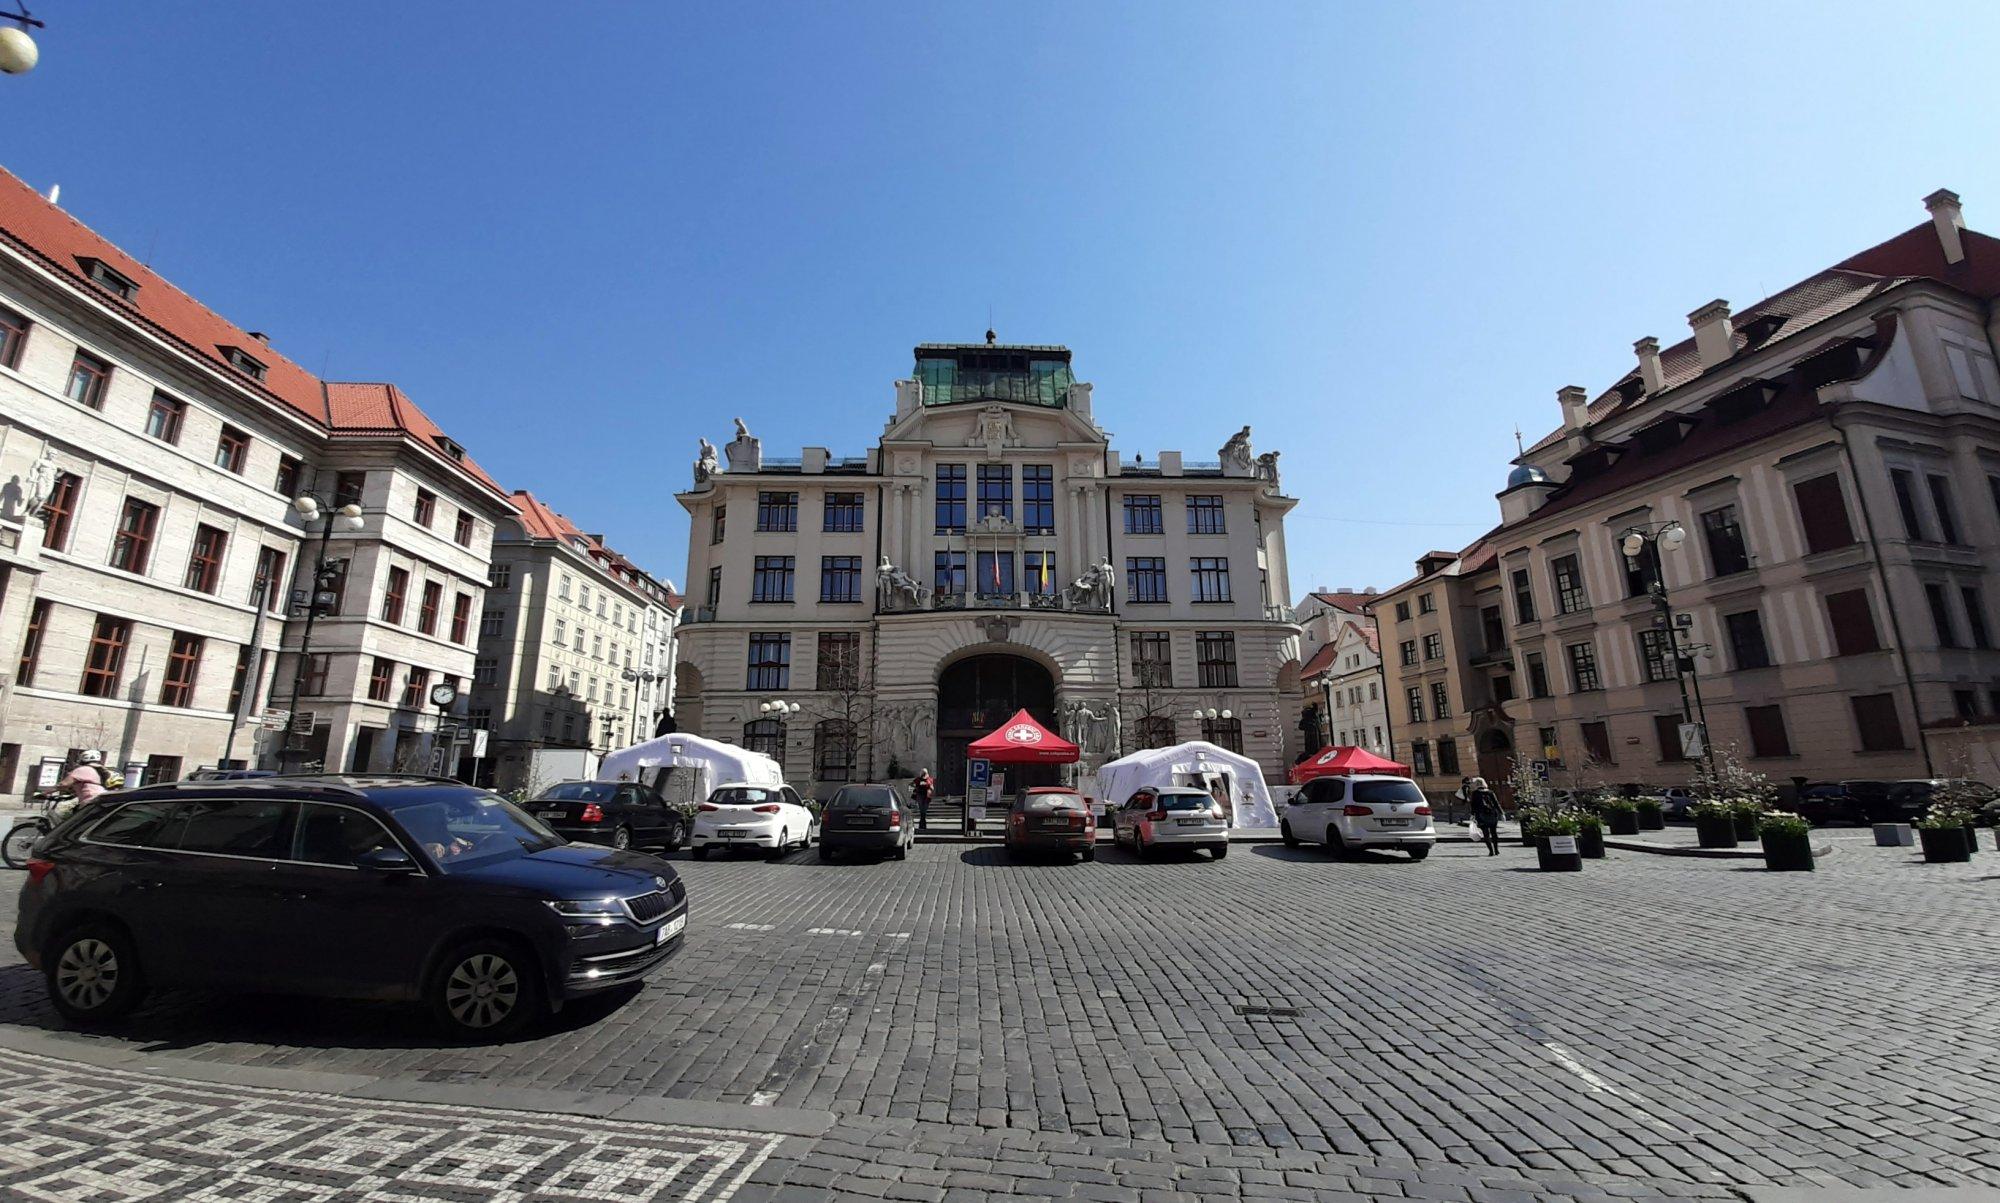 Pražská ODS vyzývá primátora Hřiba:  Změňte program zastupitelstva, neřešte teď čestná občanství, ale předložte strategii pro záchranu Prahy